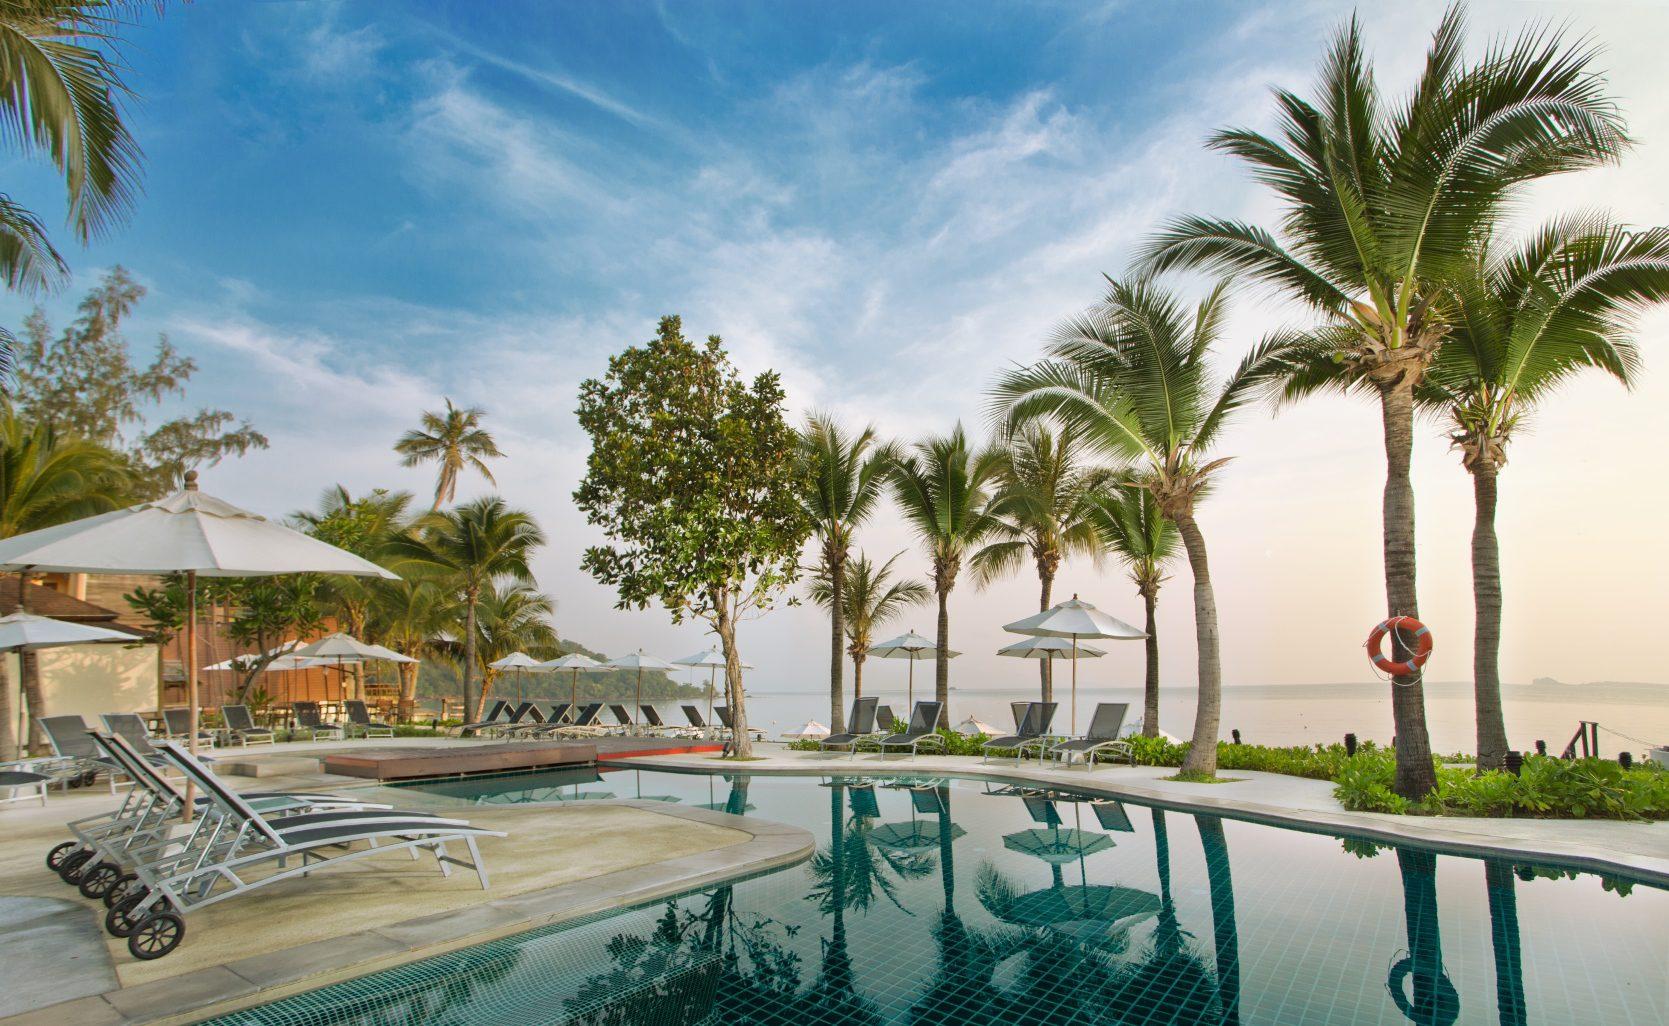 โปรโมชั่น...งานไทยเที่ยวไทย ครั้งที่ 50 โรงแรมโนโวเทล เมอร์เคียว ไอบิส เอราวัณ ประเทศไทย